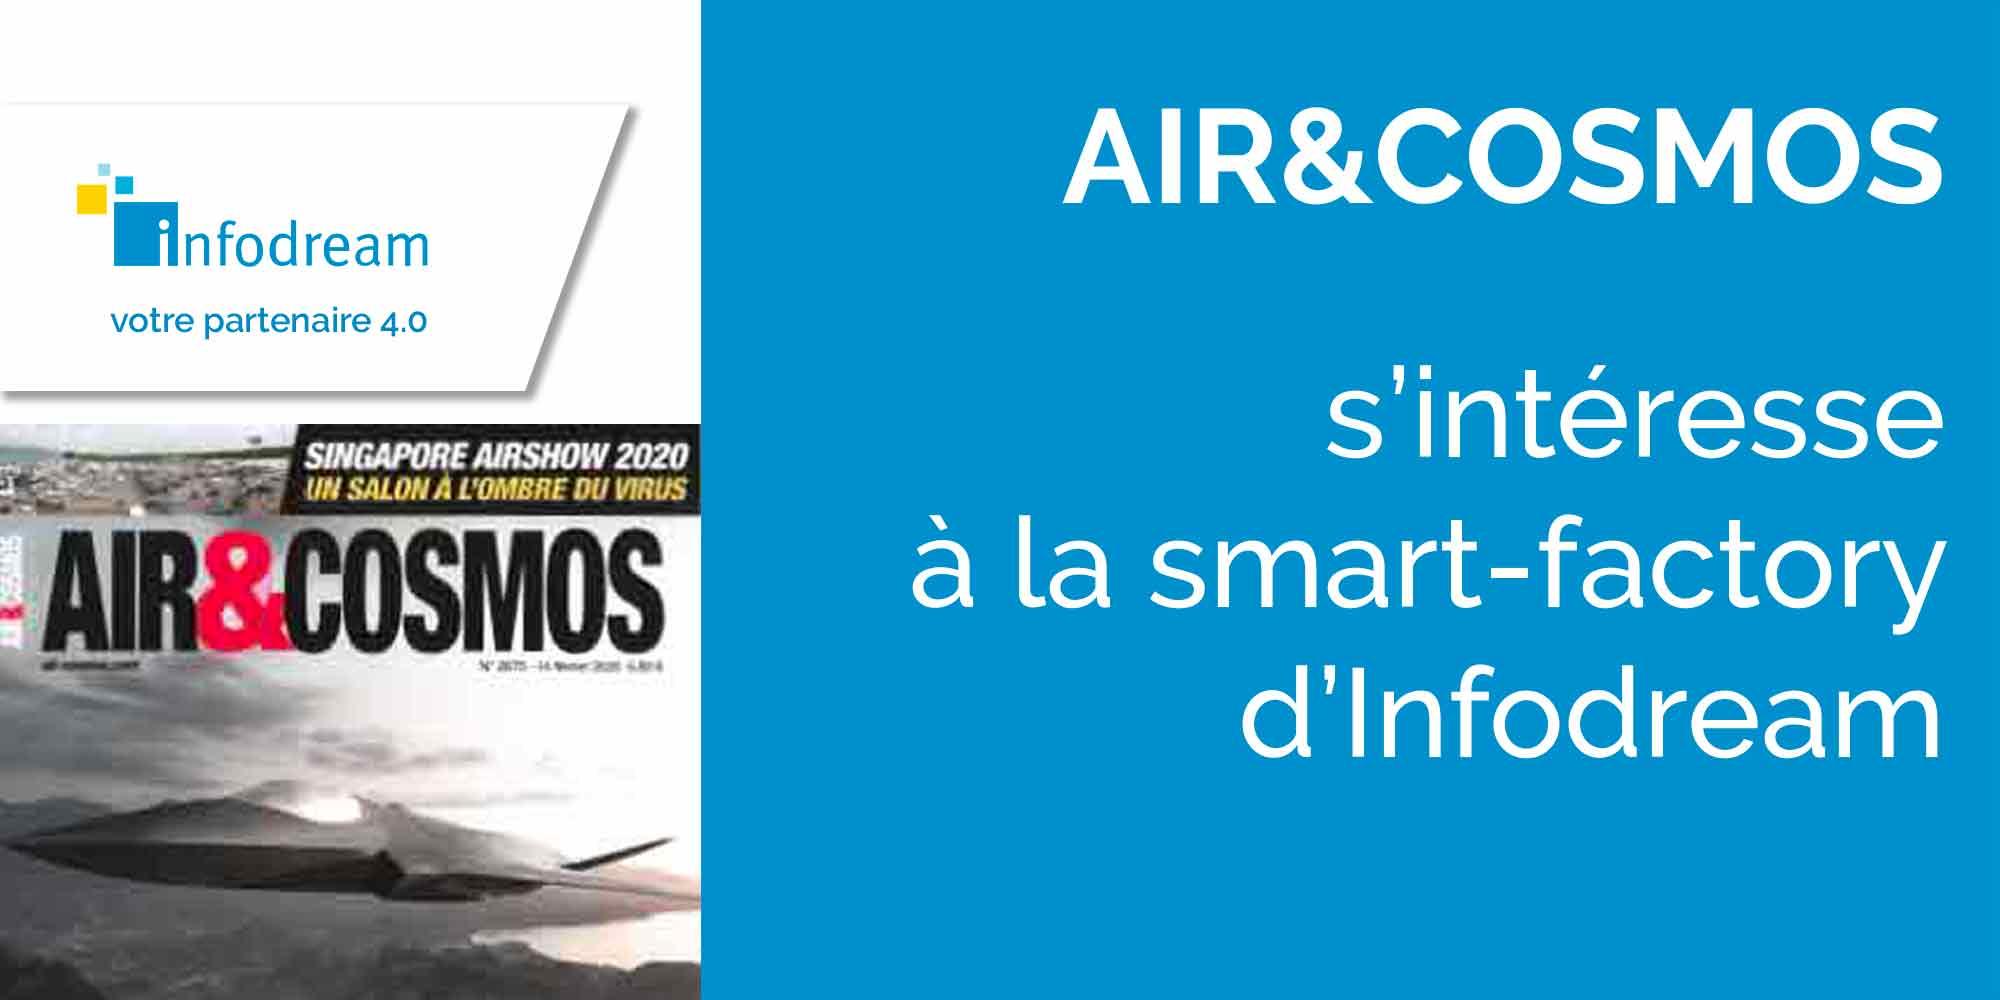 Air & Cosmos S'intéresse à La Smart-factory D'Infodream